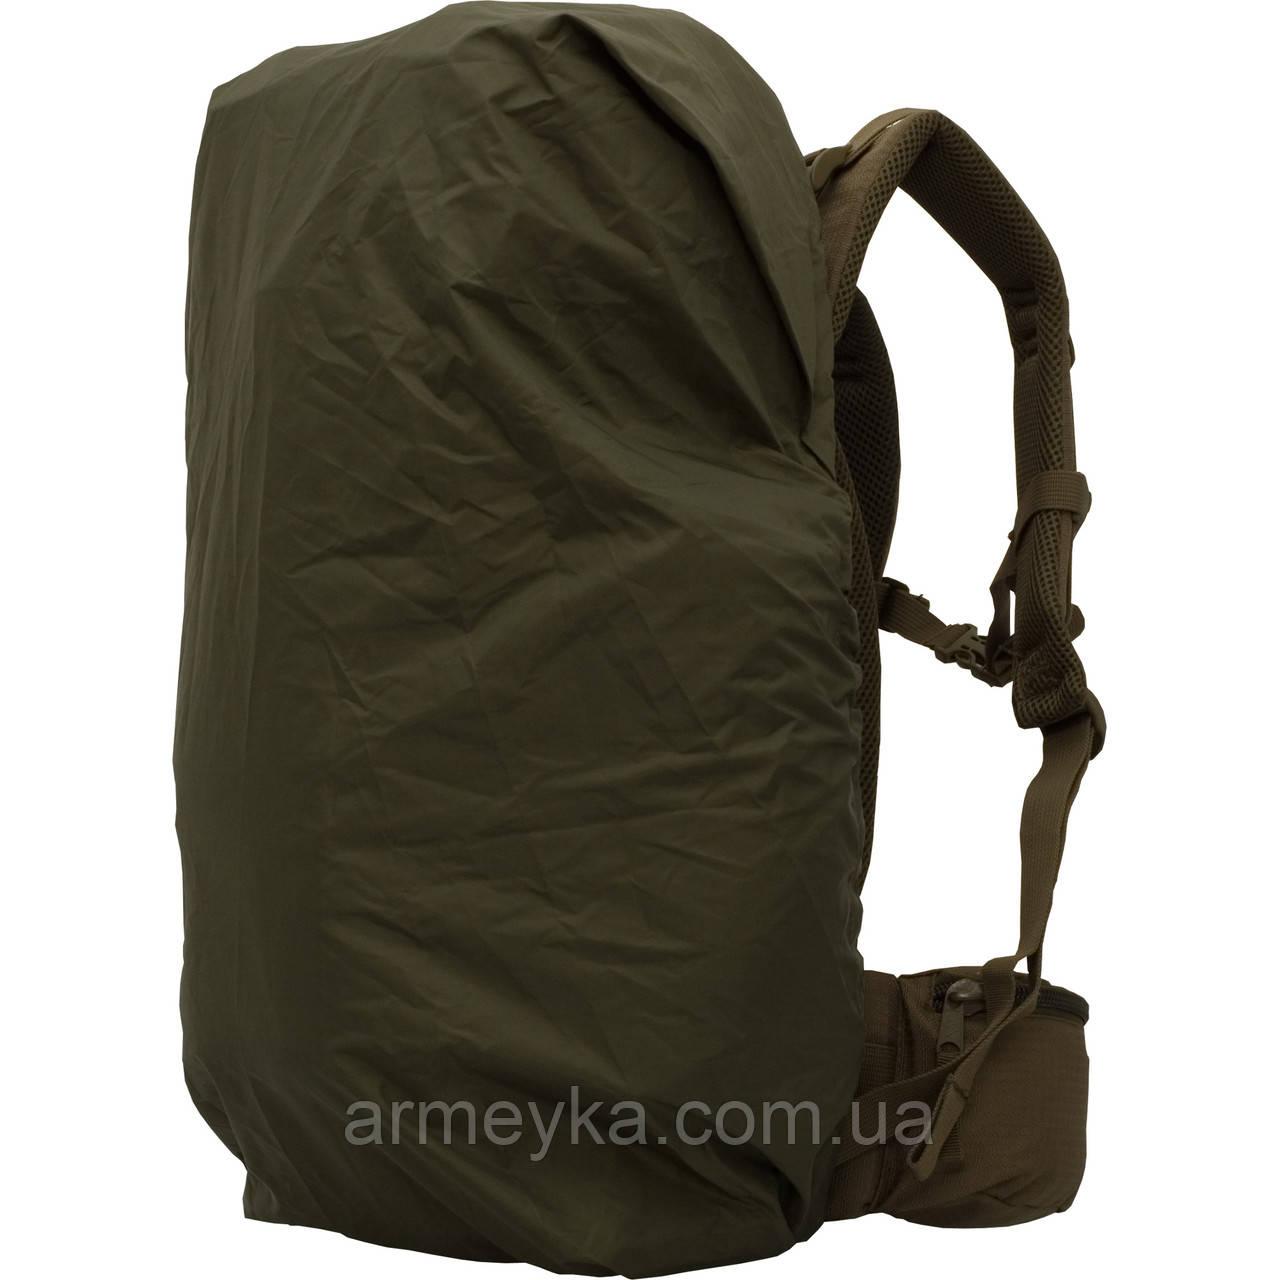 Кавер (чехол) для рюкзака. ВС Австрии, оригинал.